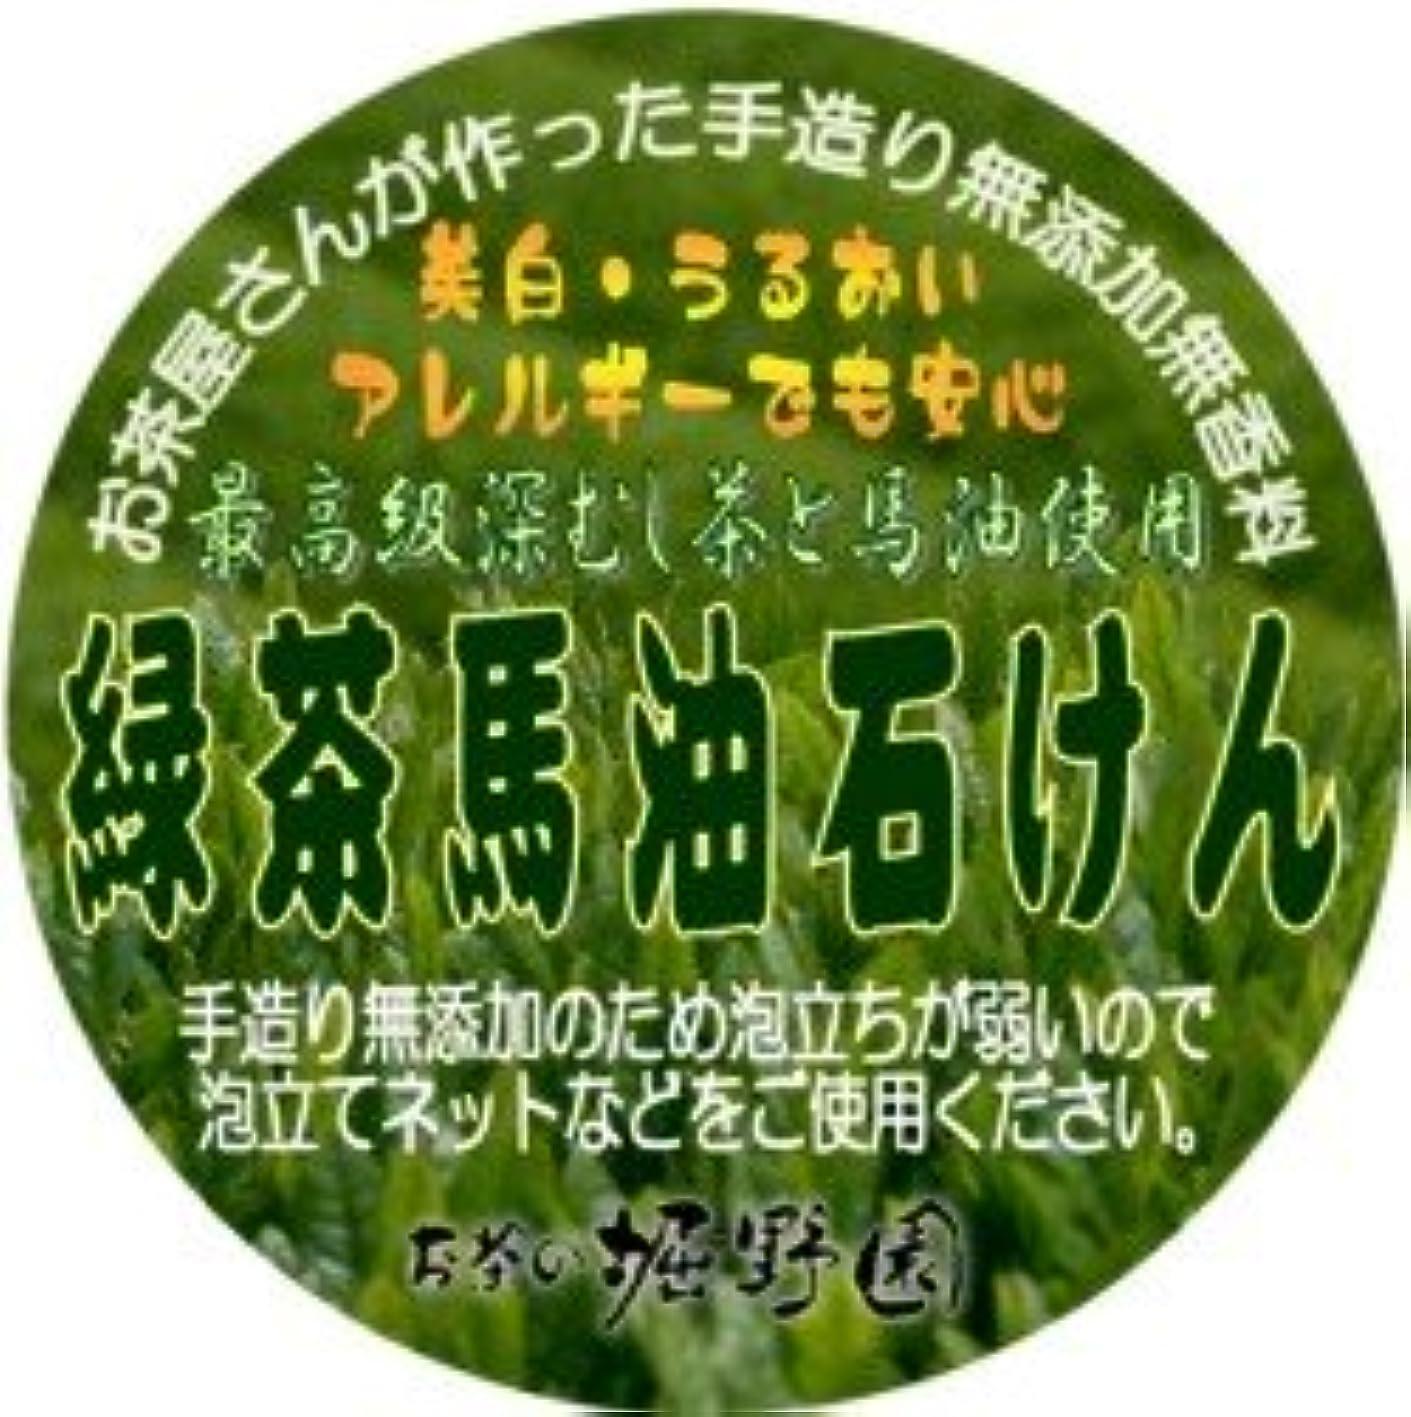 泳ぐフクロウストライド無添加無着色 緑茶馬油石けん(アトピー?弱肌の方のご愛用が非常に多い商品です)